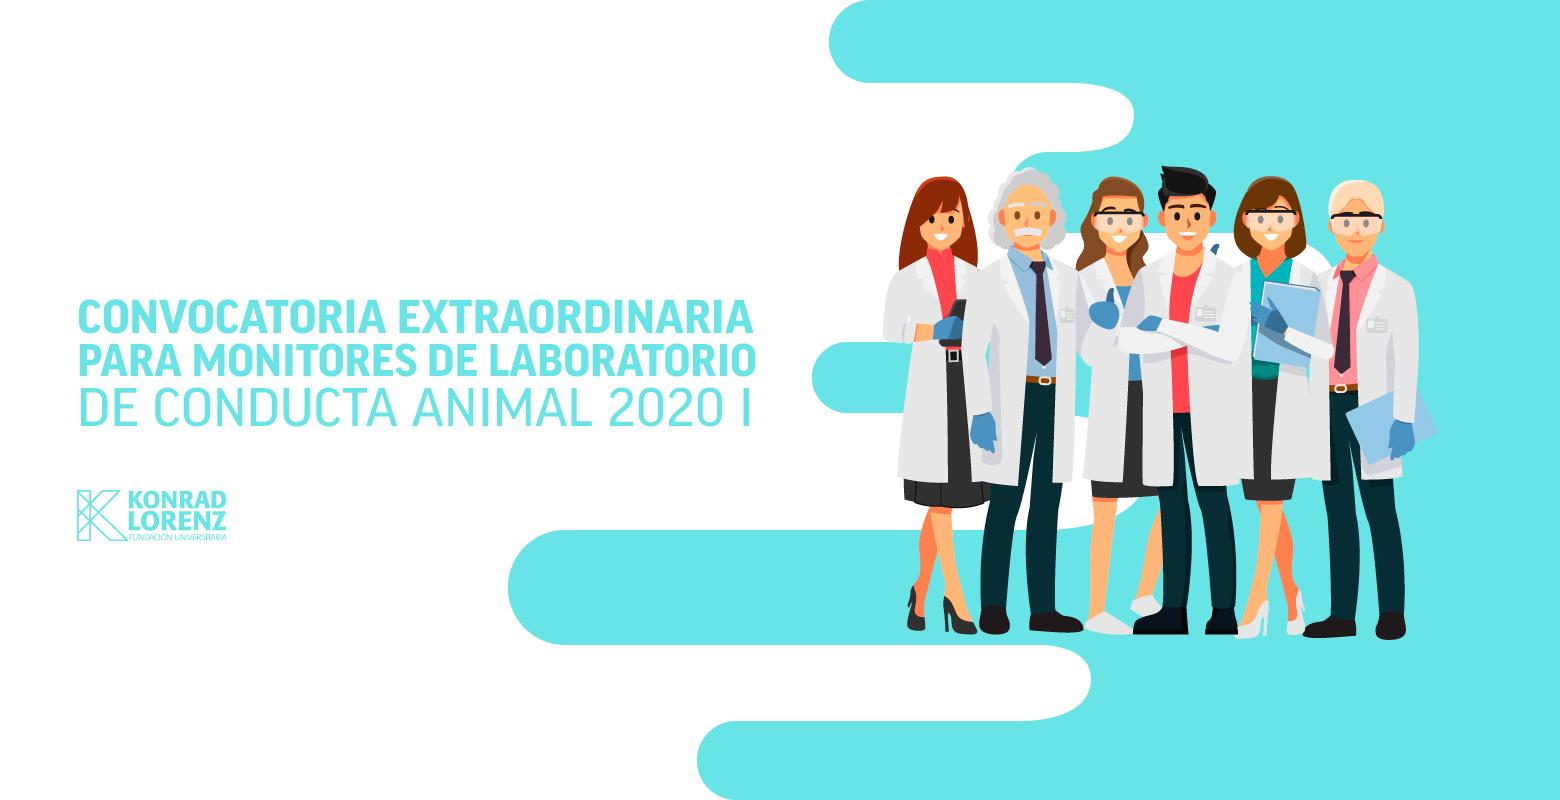 Convocatoria extraordinaria para monitores de Laboratorio de Conducta Animal 2020 I